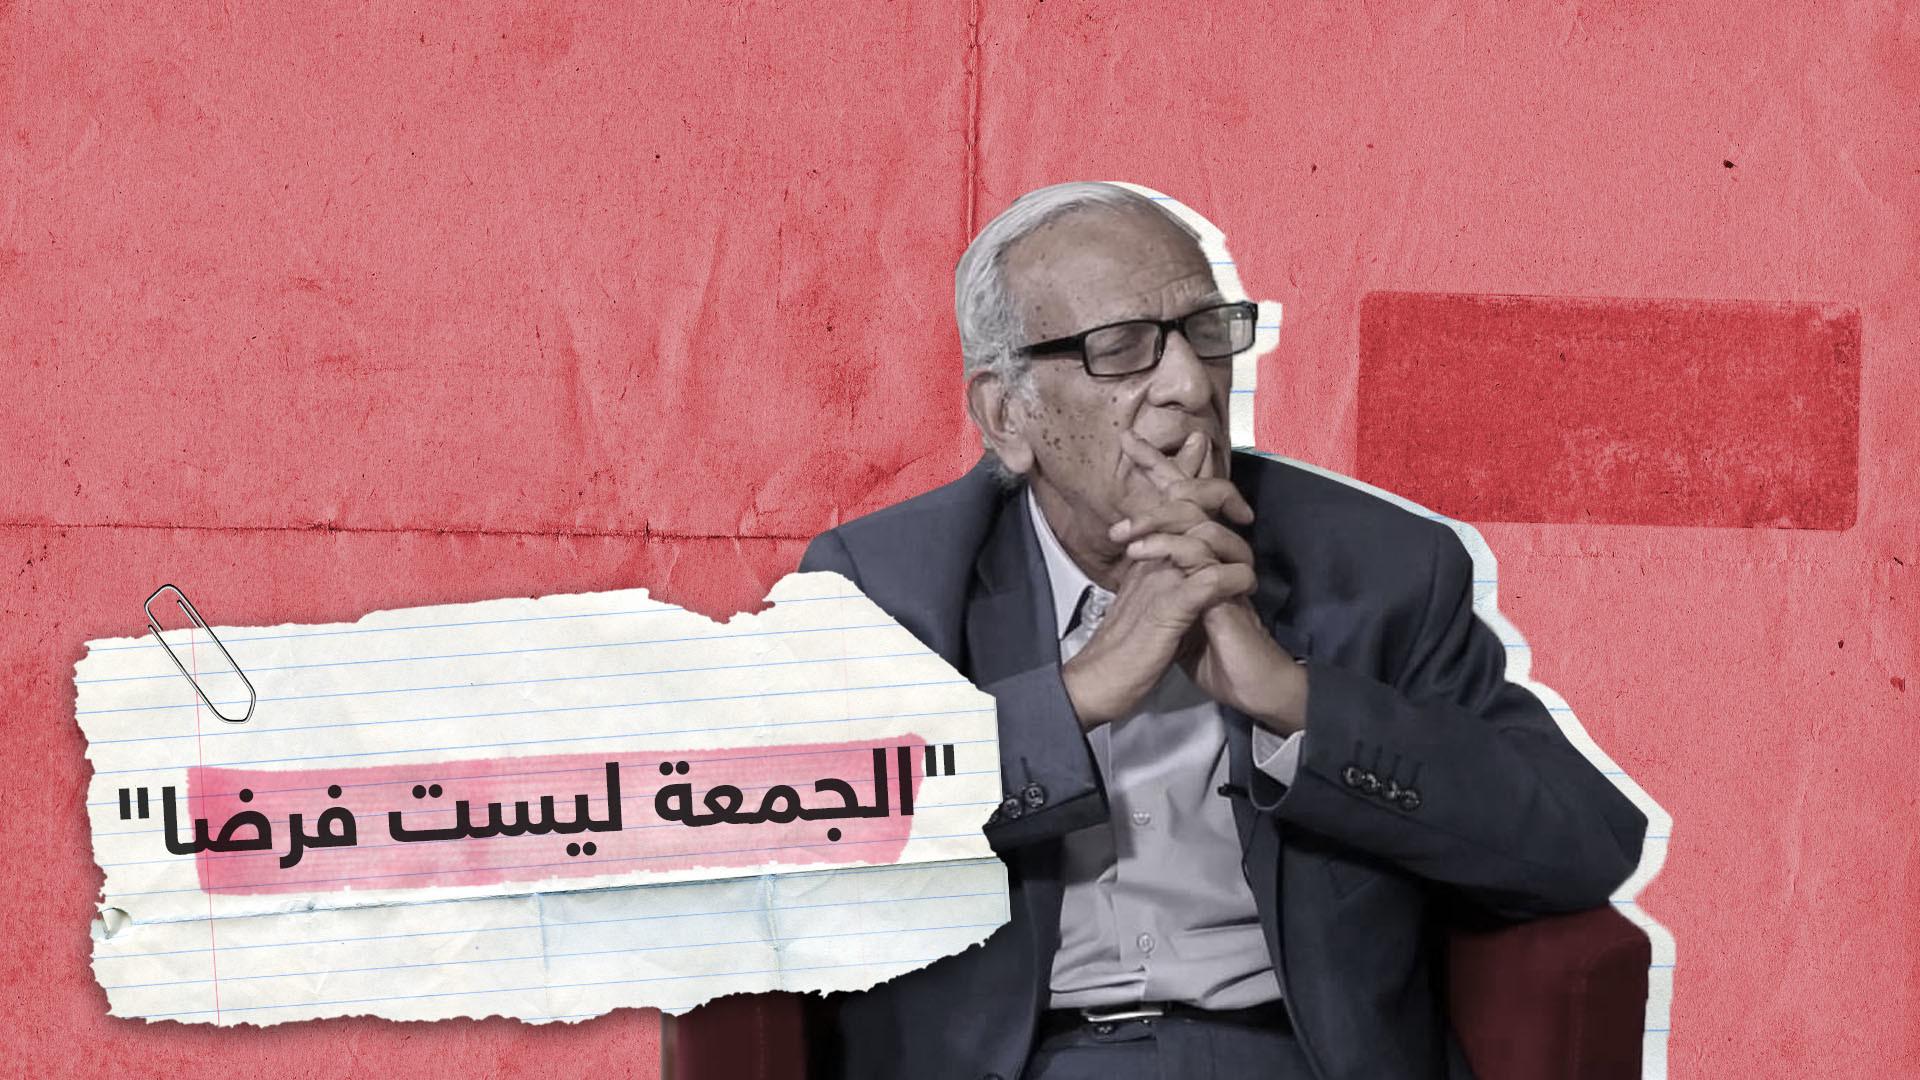 مفكر تونسي: صلاة الجمعة ليست فرضا